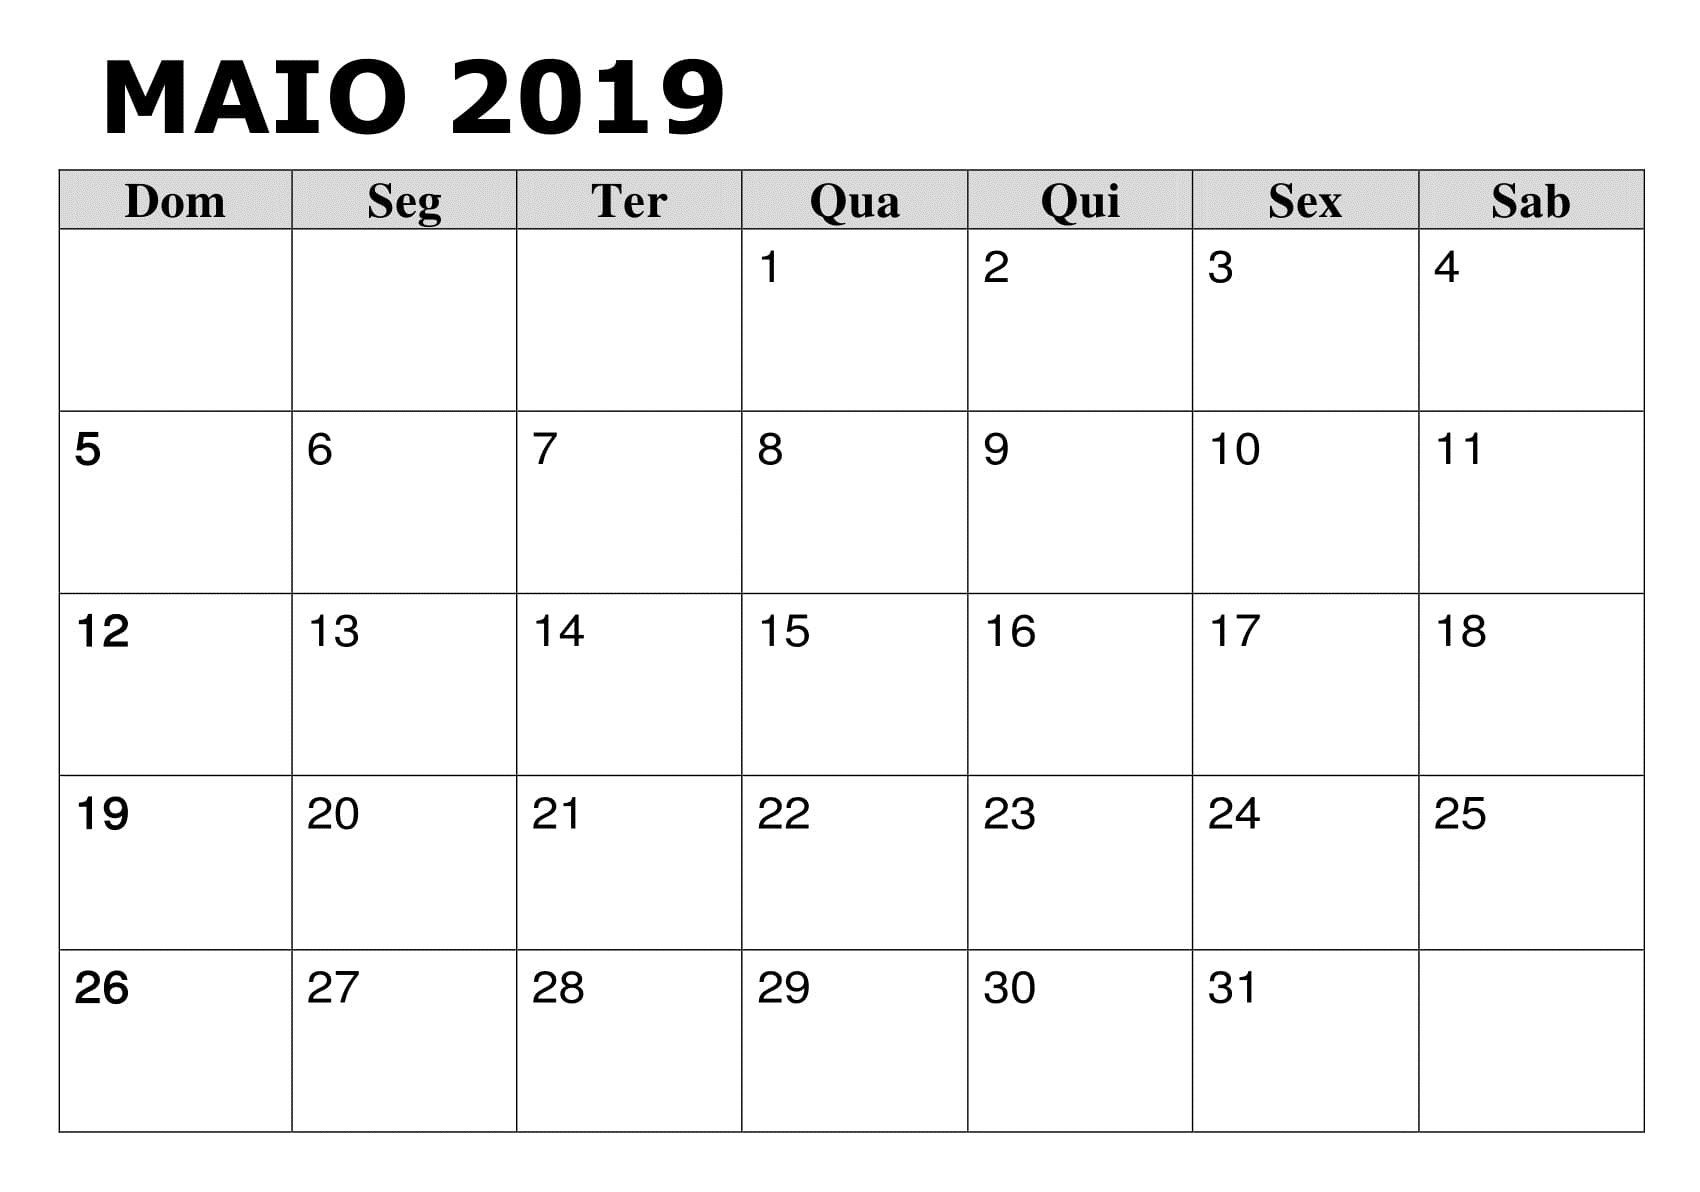 Calendario De Feriados 2019 Para Imprimir Más Caliente 2019 Calendário Maio Pdf Escola Of Calendario De Feriados 2019 Para Imprimir Más Caliente Este Es Sin Duda Calendario 2019 E Os Feriados